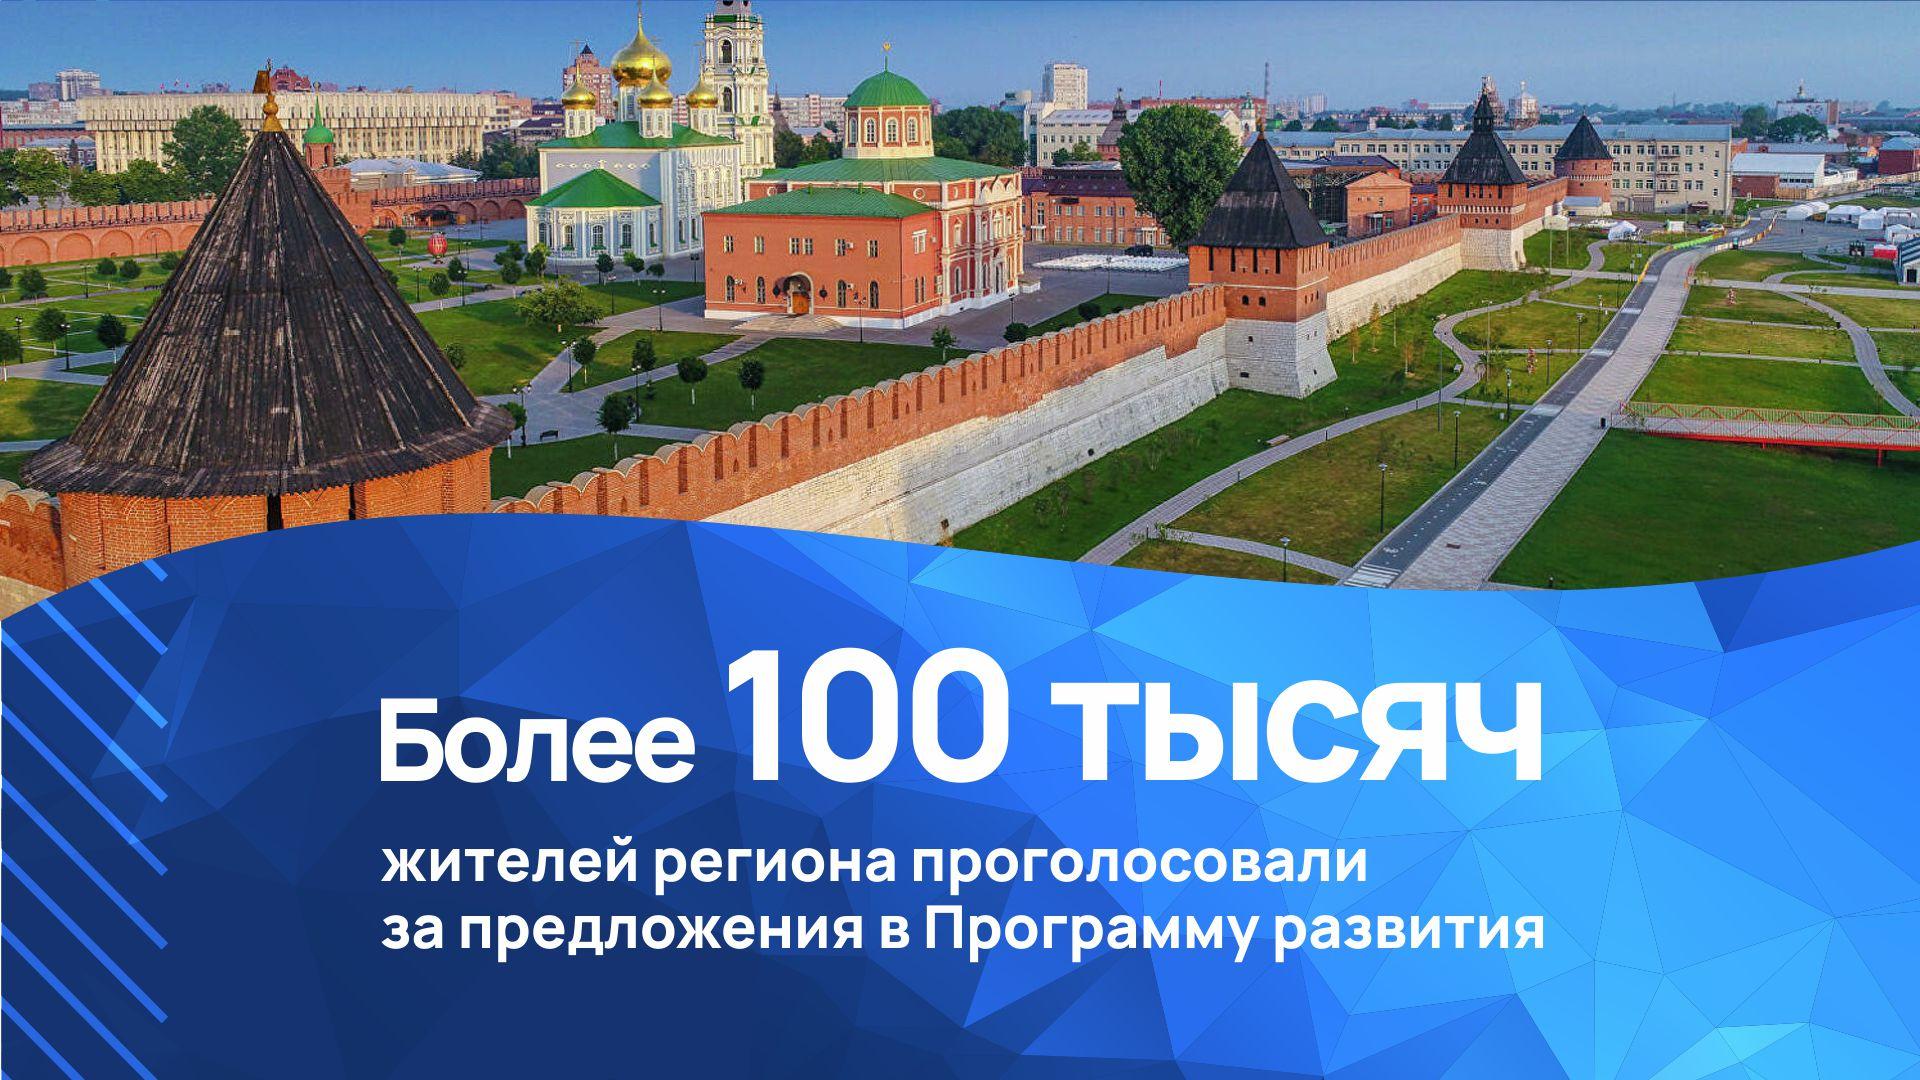 Более 100 тысяч жителей региона проголосовали за предложения в Программу развития